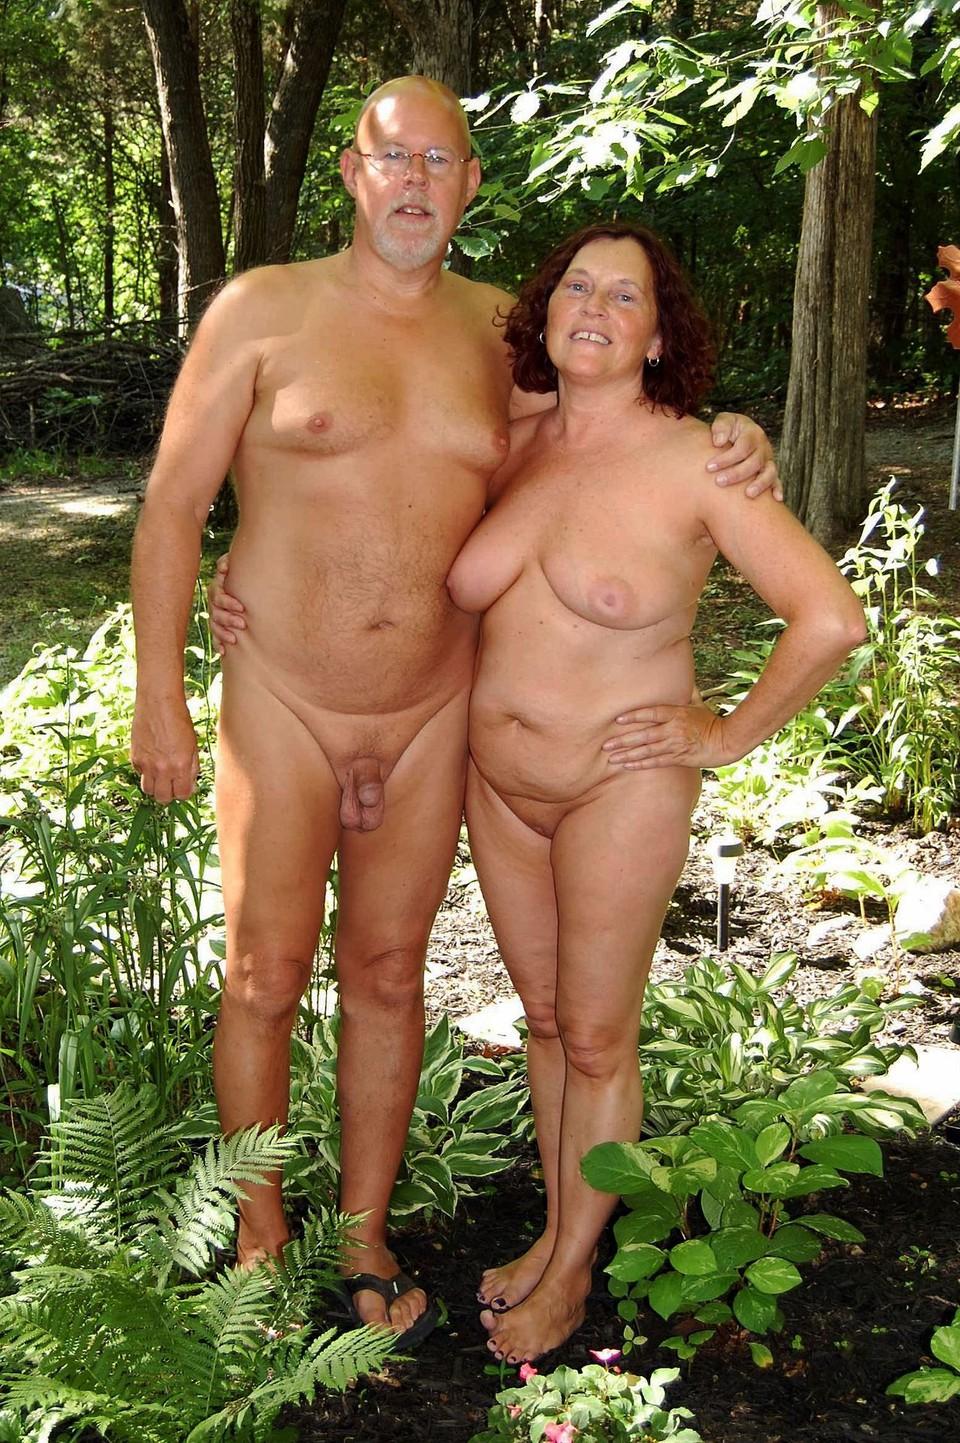 tumblr old nudist couples